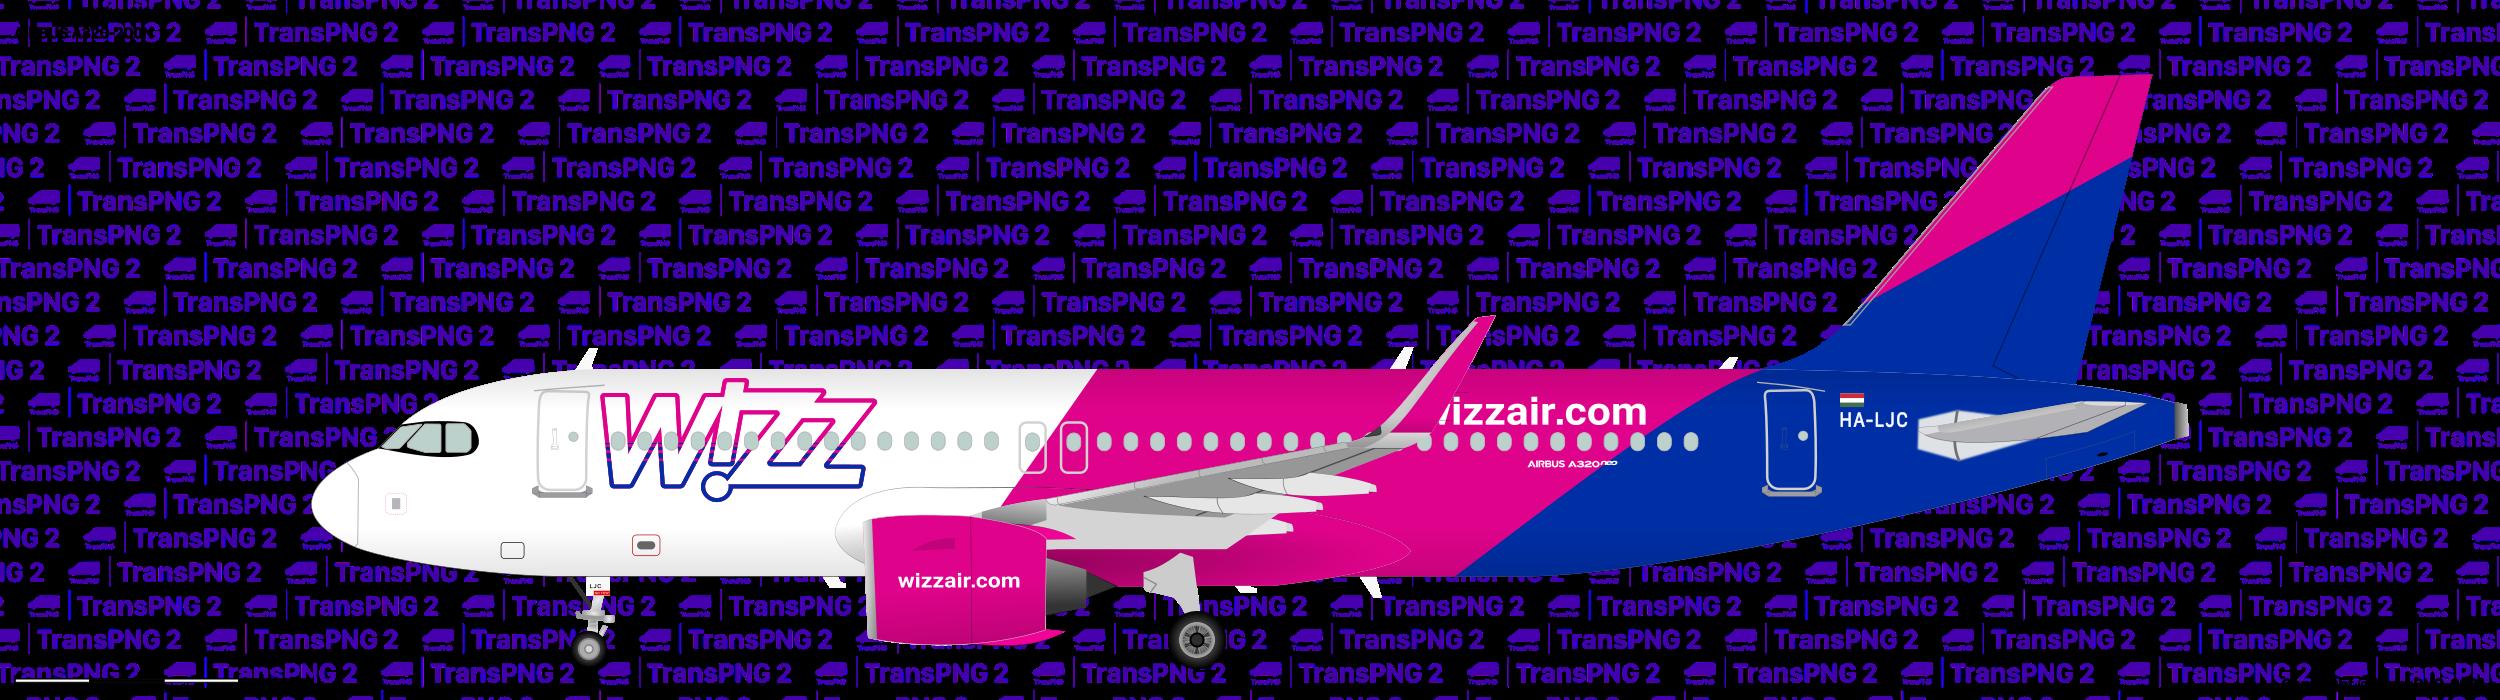 TransPNG.net | 分享世界各地多種交通工具的優秀繪圖 - 飛機 25136